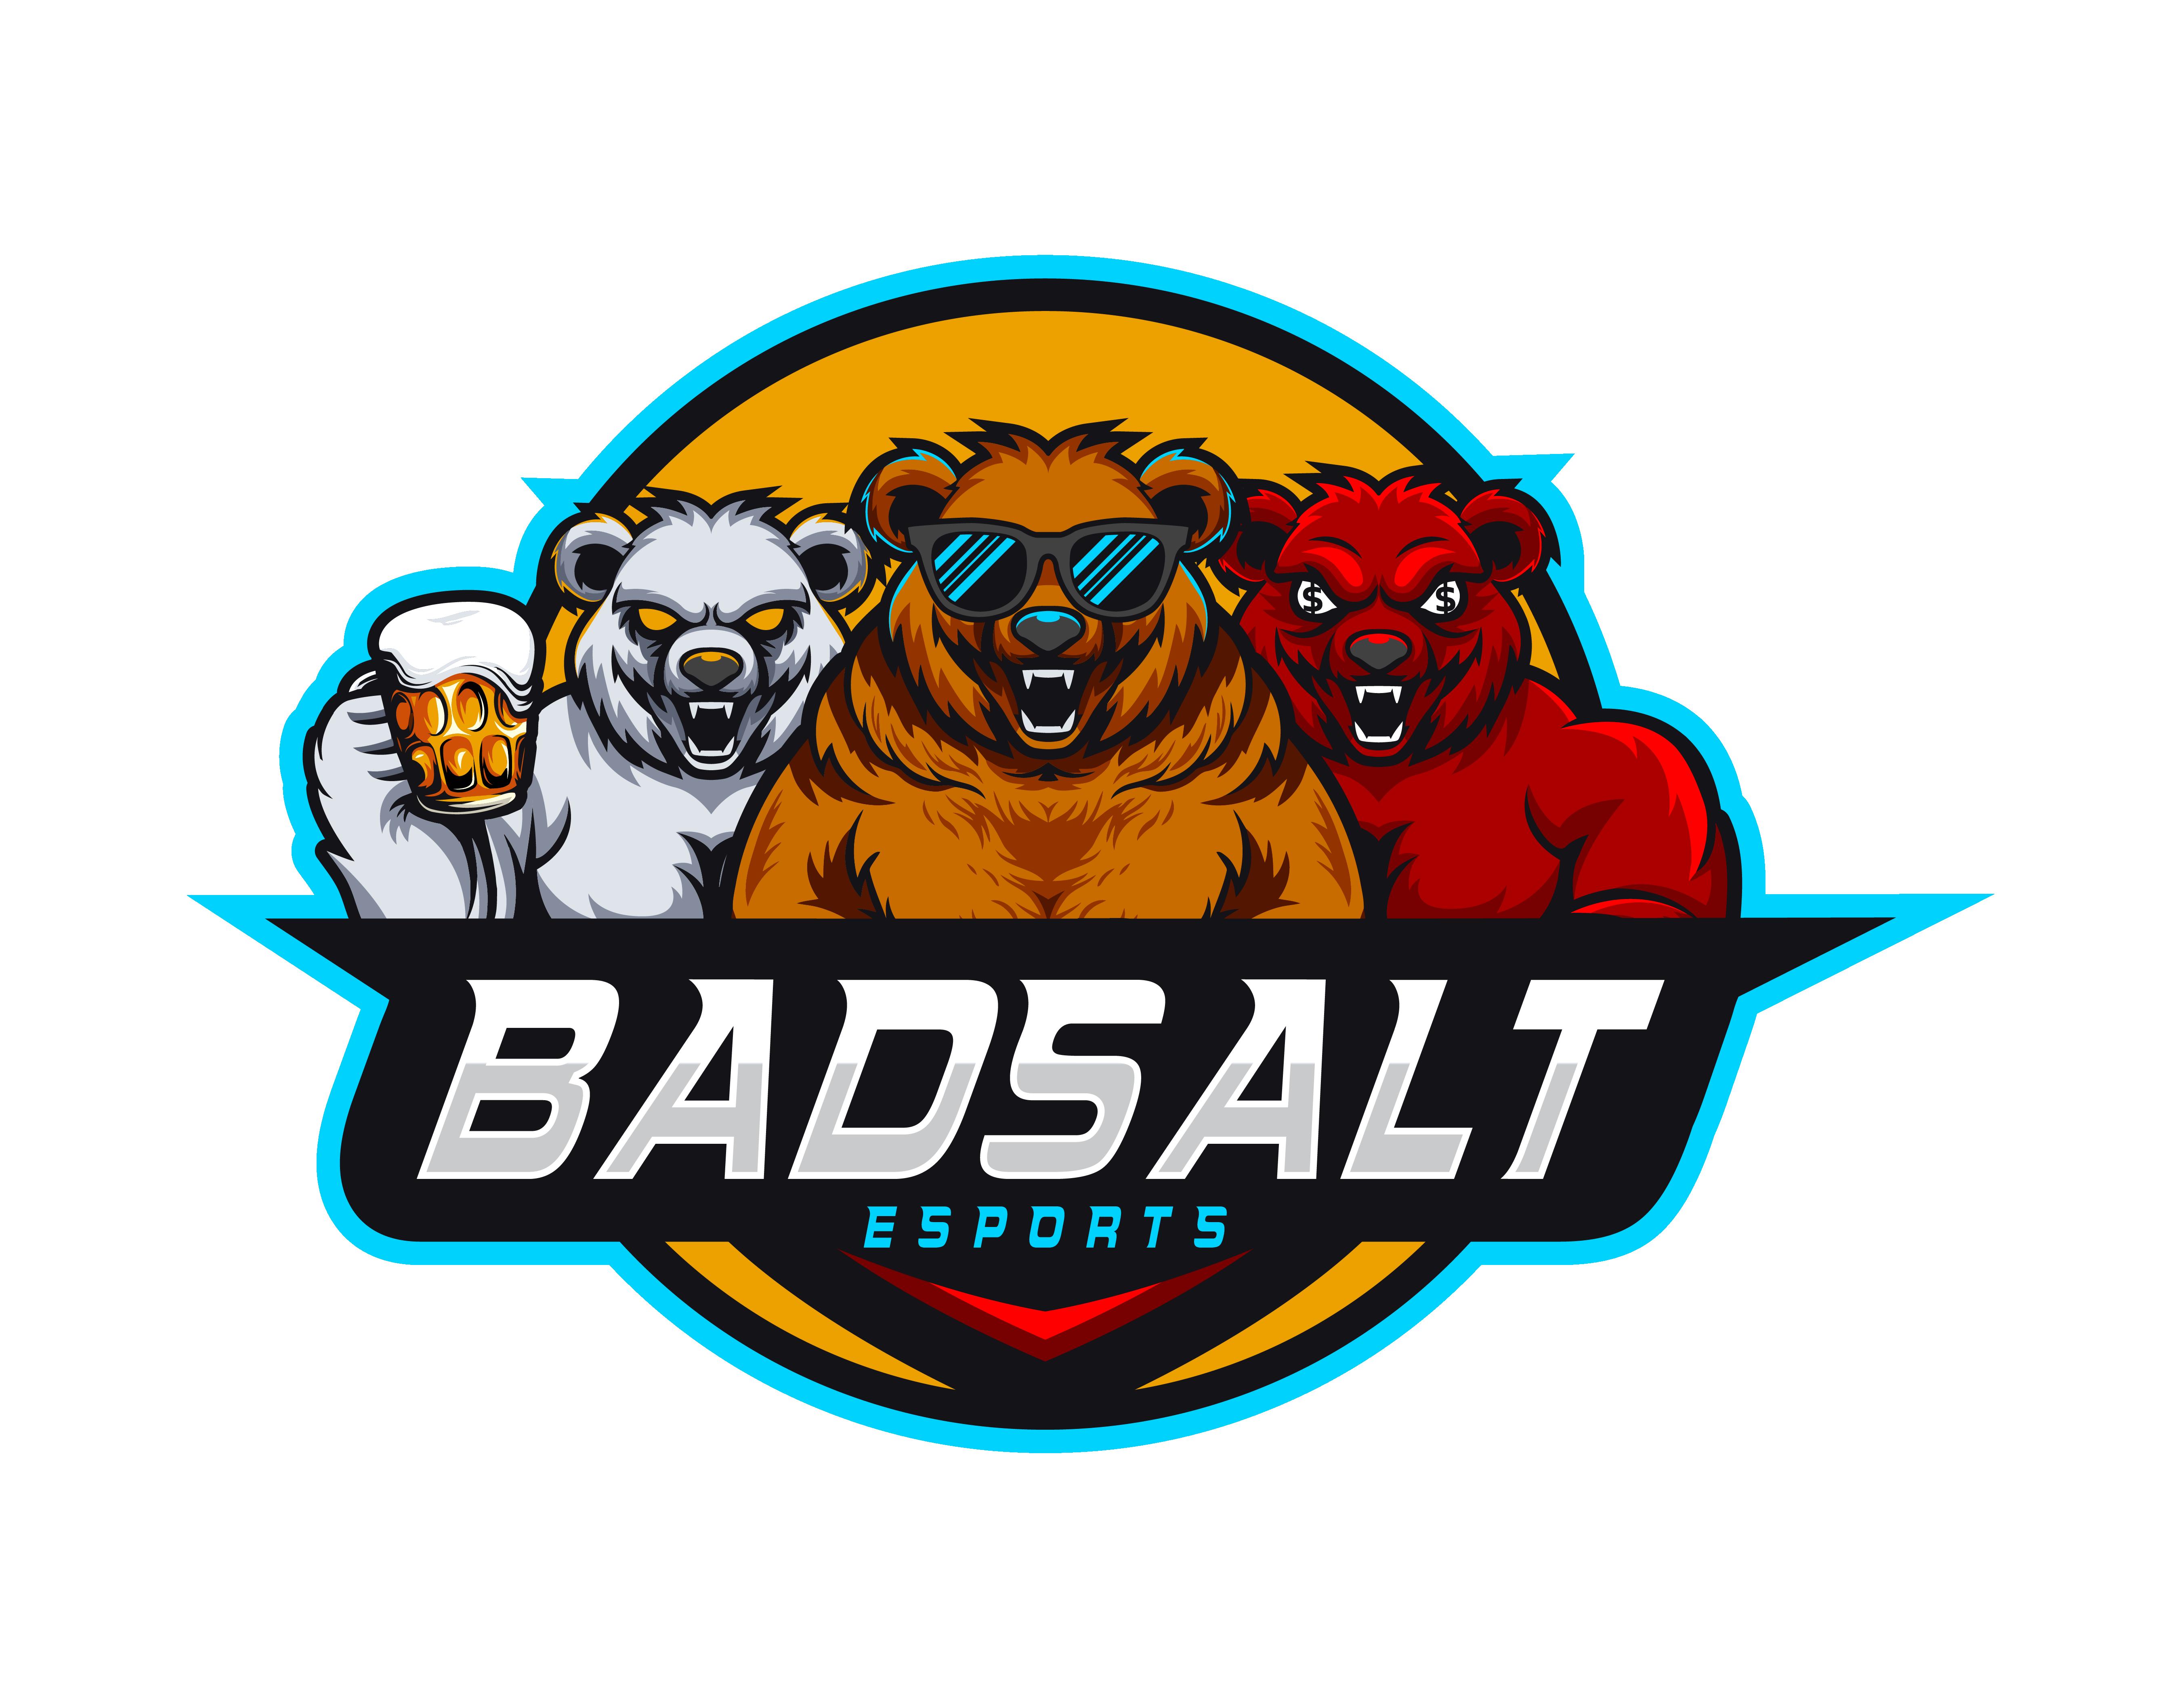 Badsalt eSports